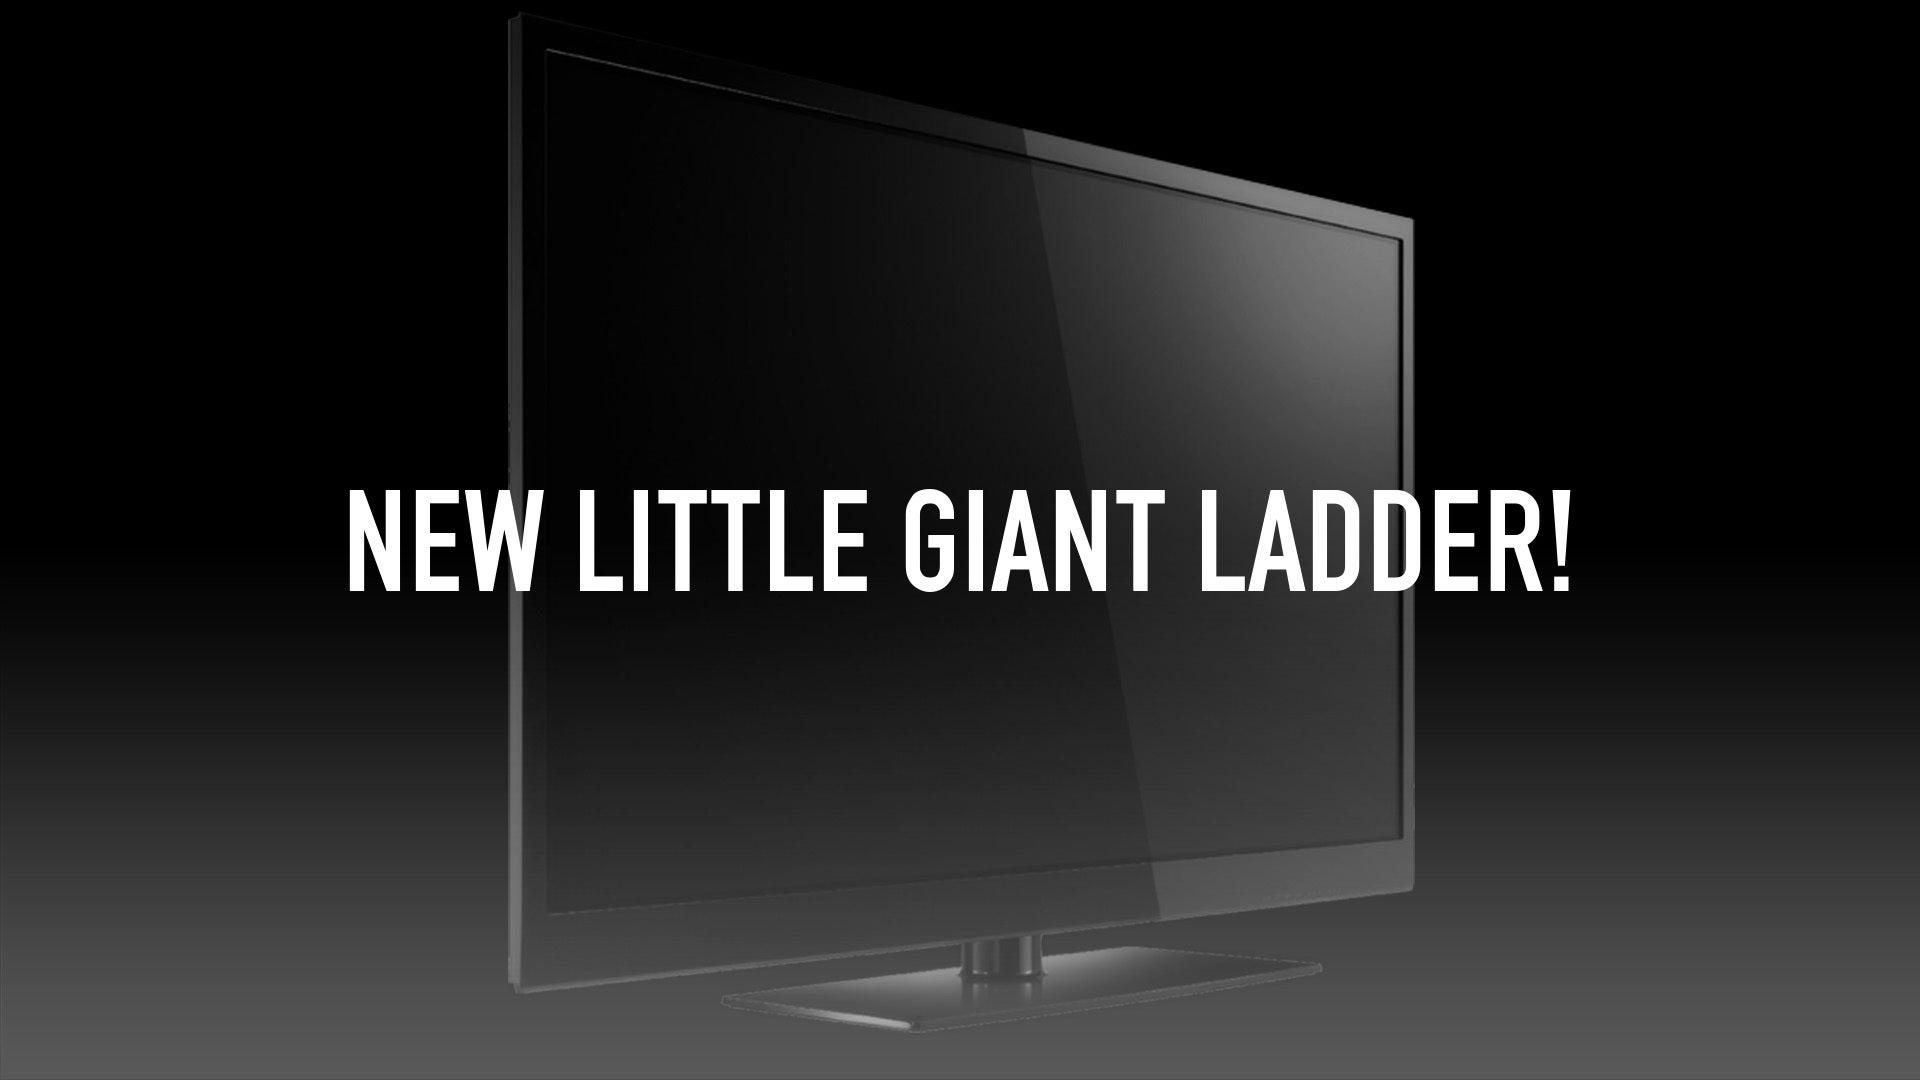 New Little Giant Ladder!